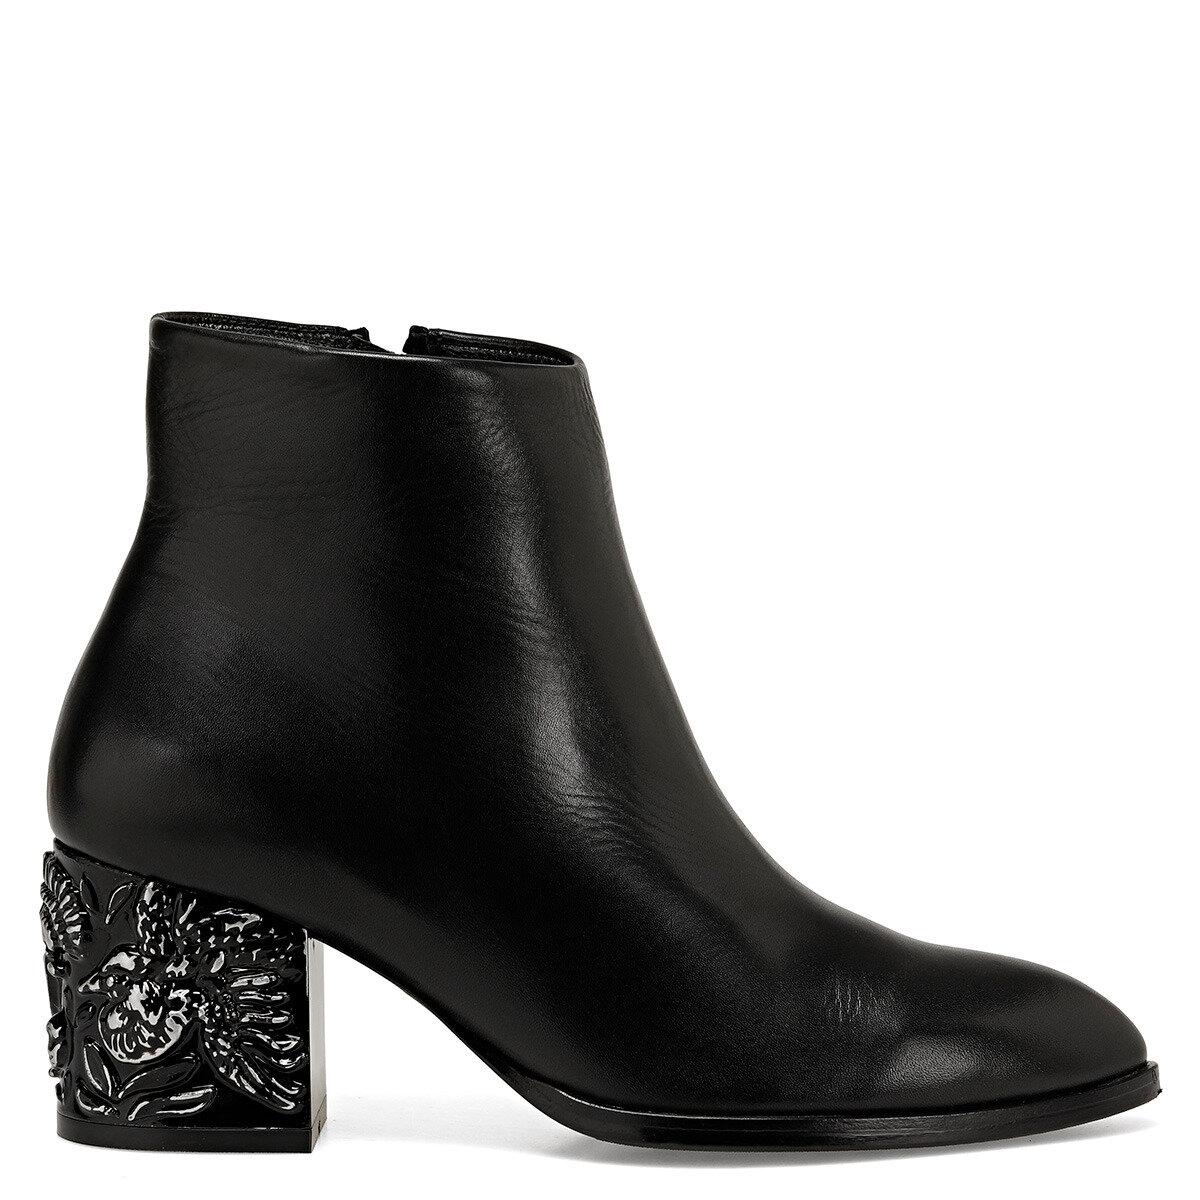 YAMA Siyah Kadın Topuklu Ayakkabı